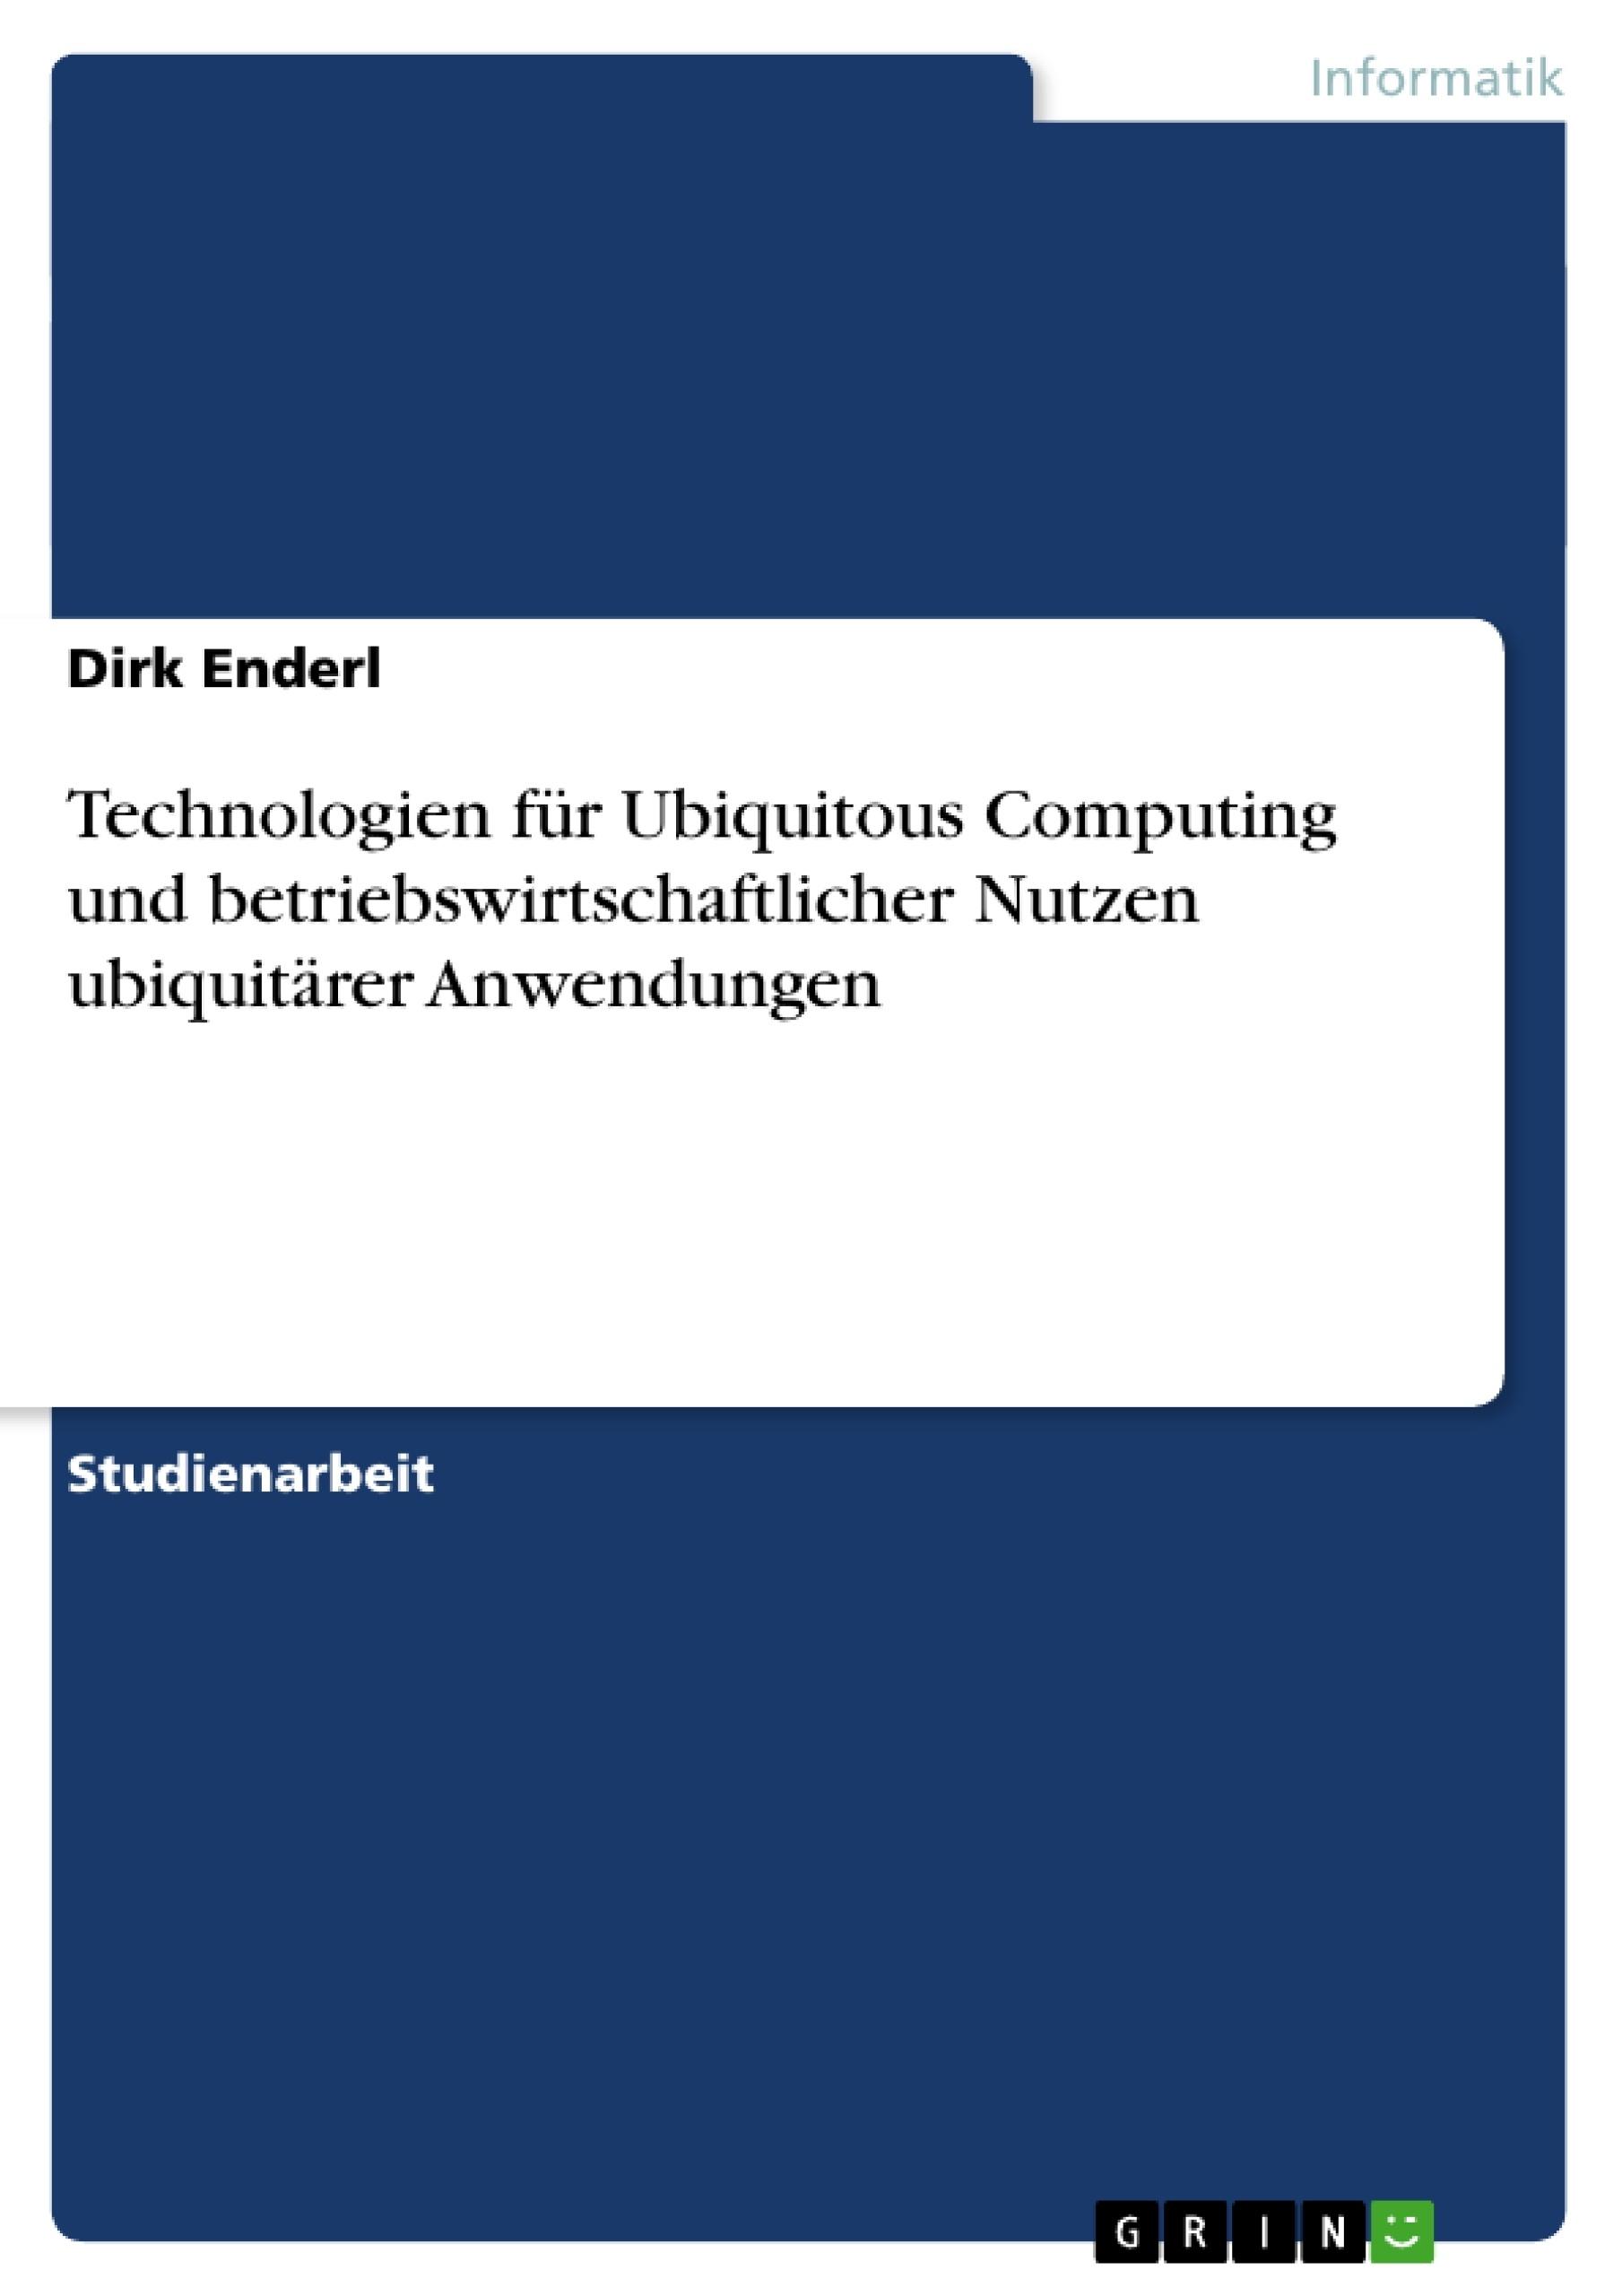 Titel: Technologien für Ubiquitous Computing und betriebswirtschaftlicher Nutzen ubiquitärer Anwendungen